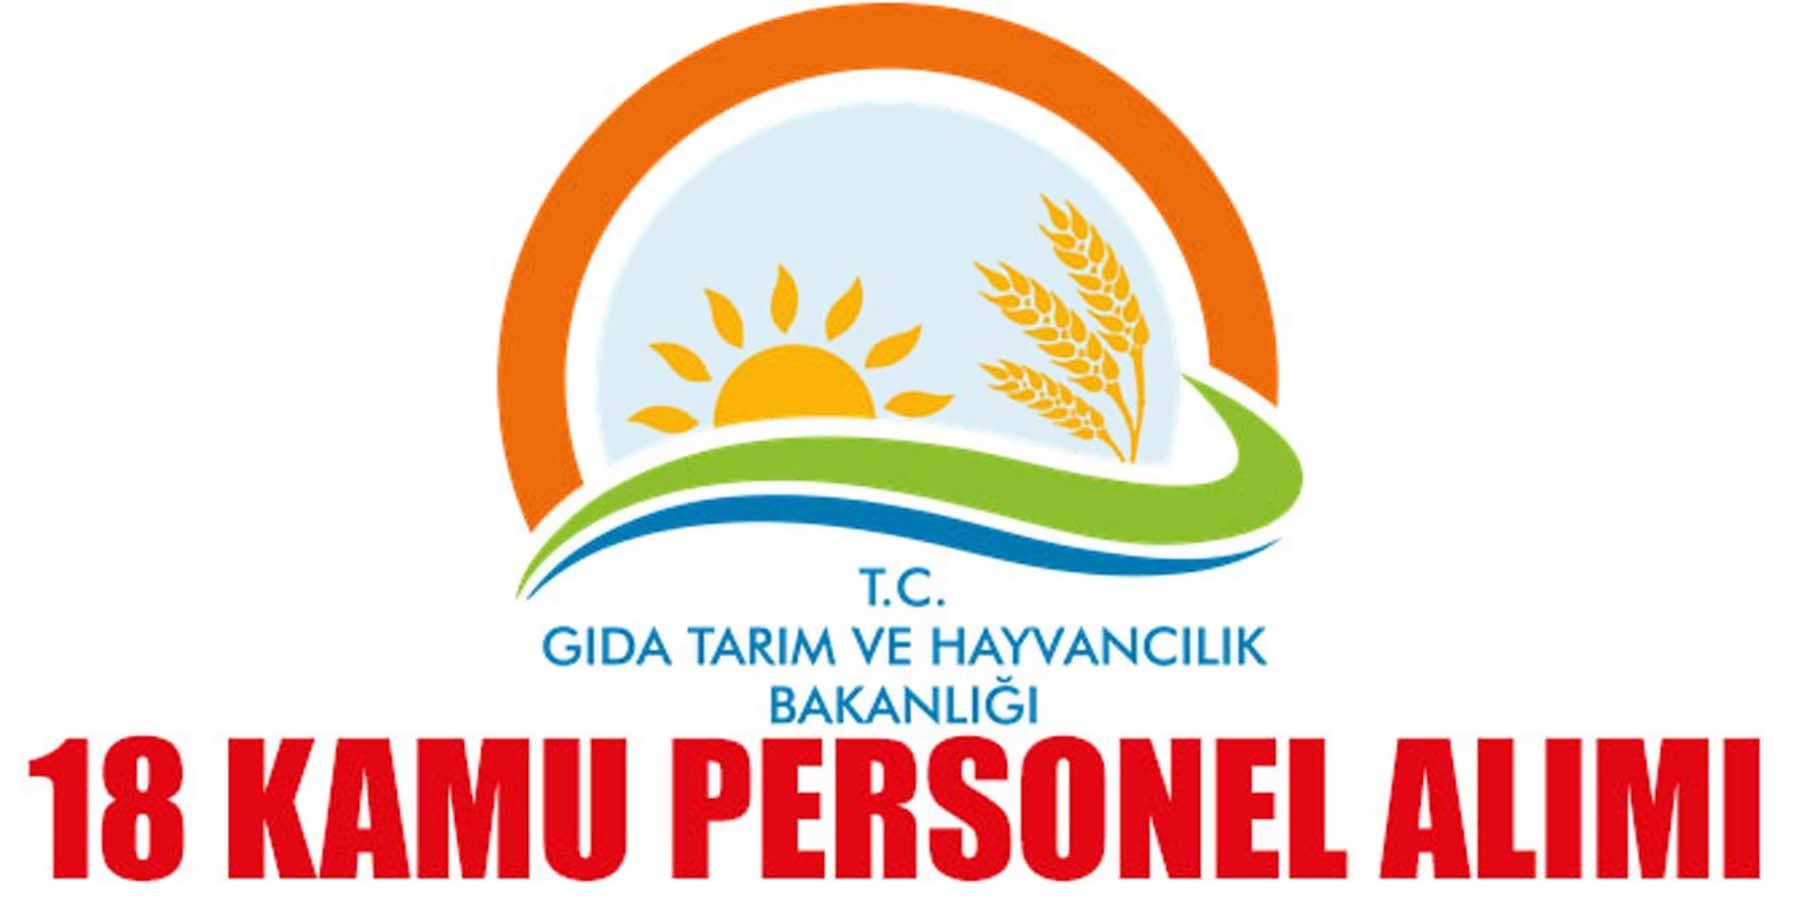 Gıda Tarım Ve Hayvancılık Bakanlığı 18 Kamu Personeli Alımı